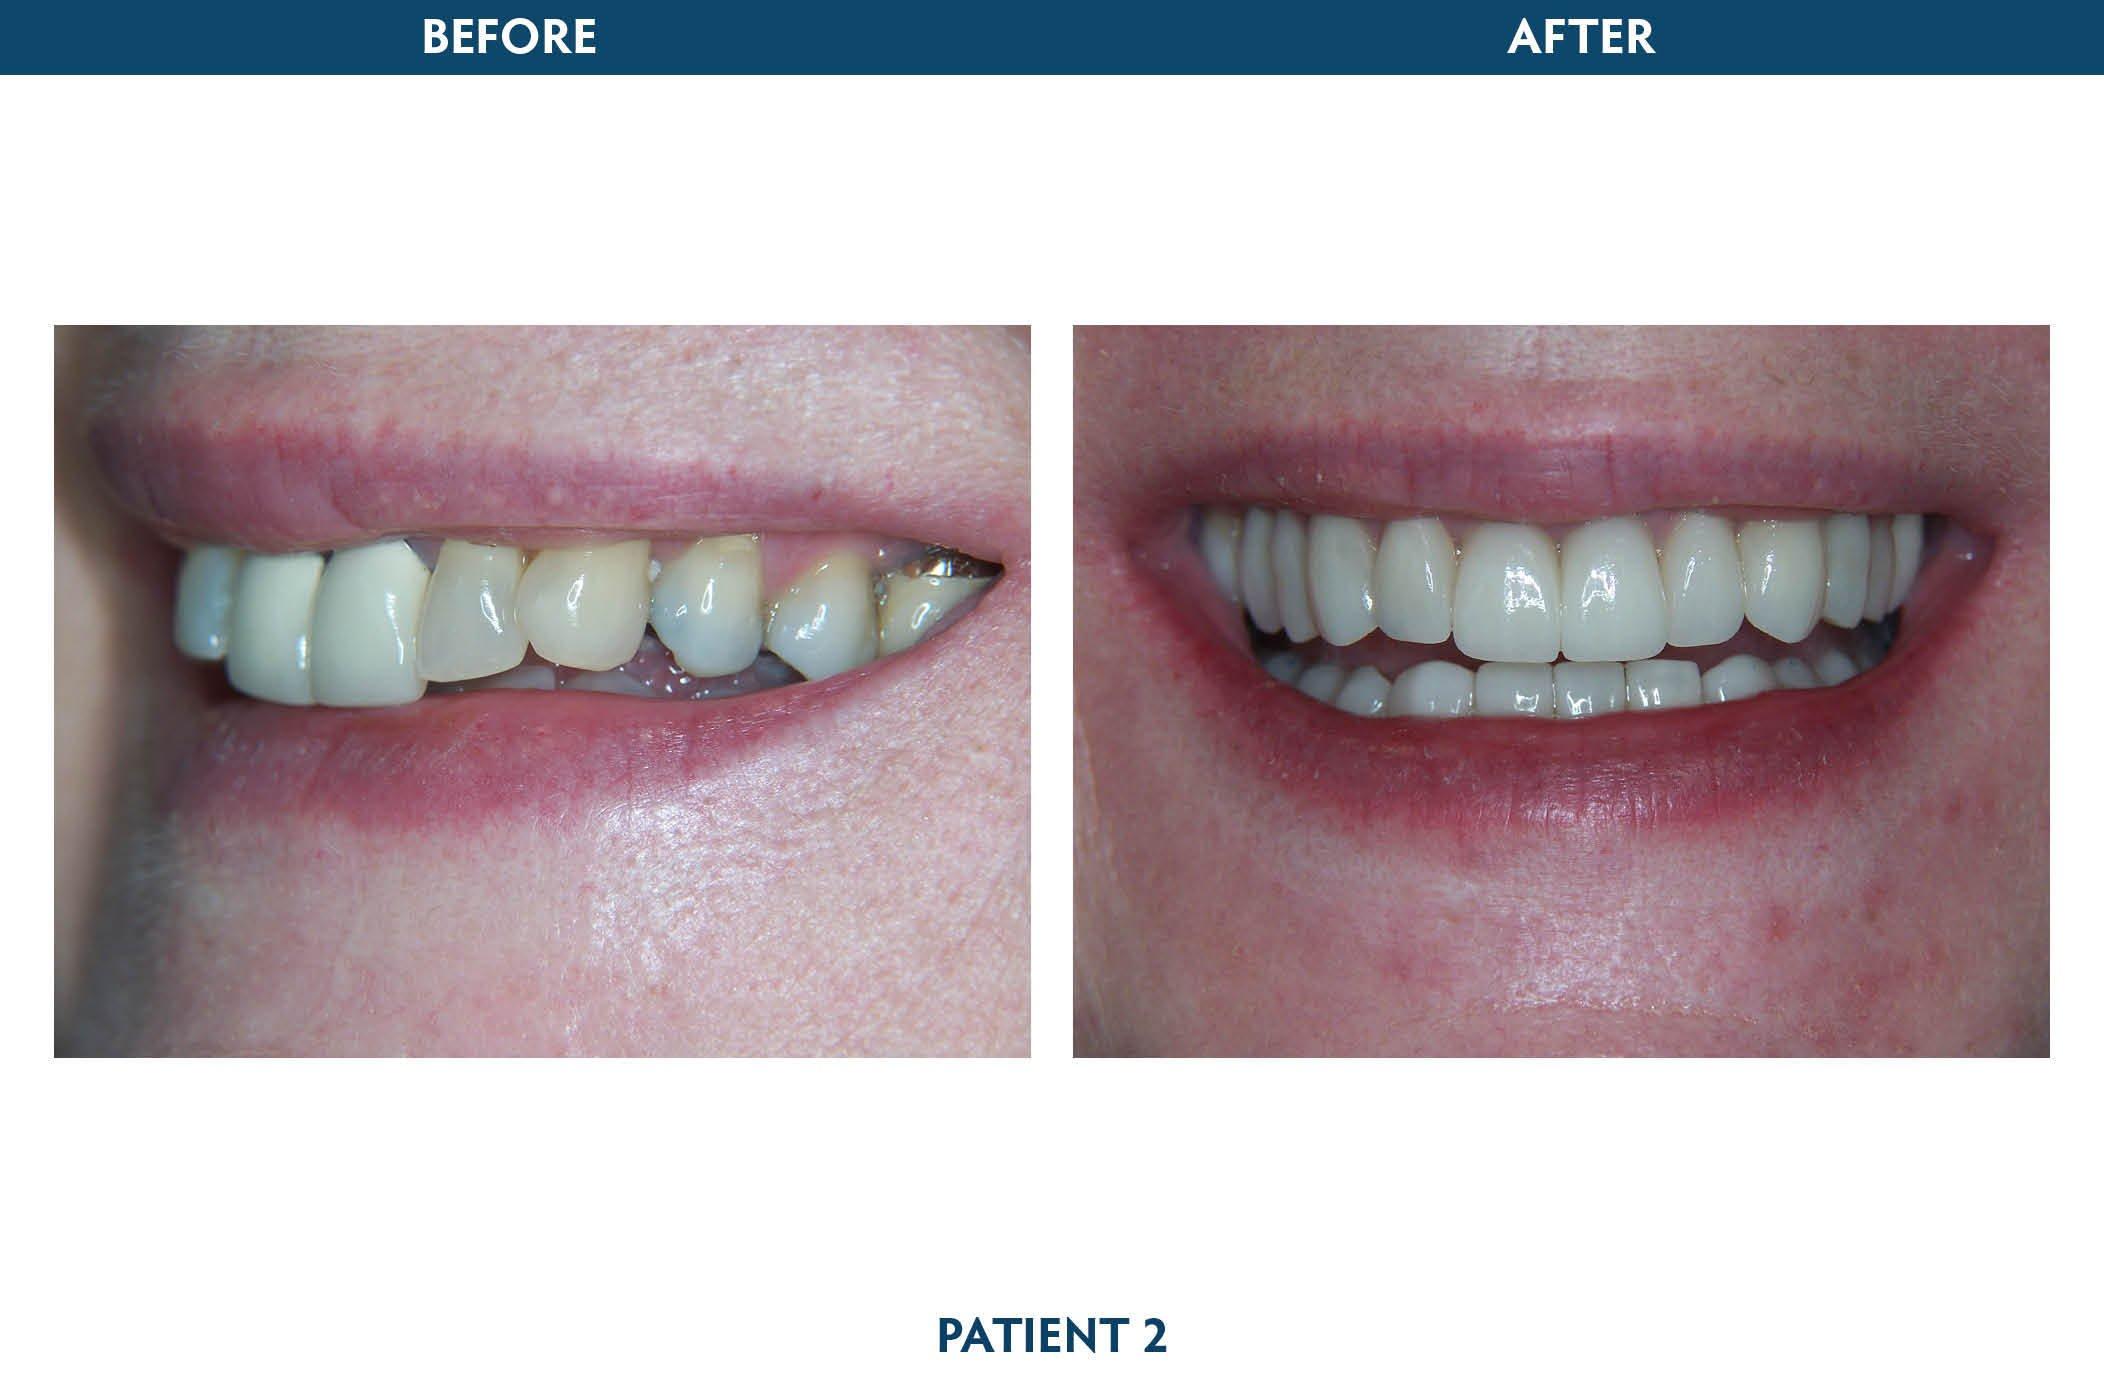 sedation dentistry white plains, ny